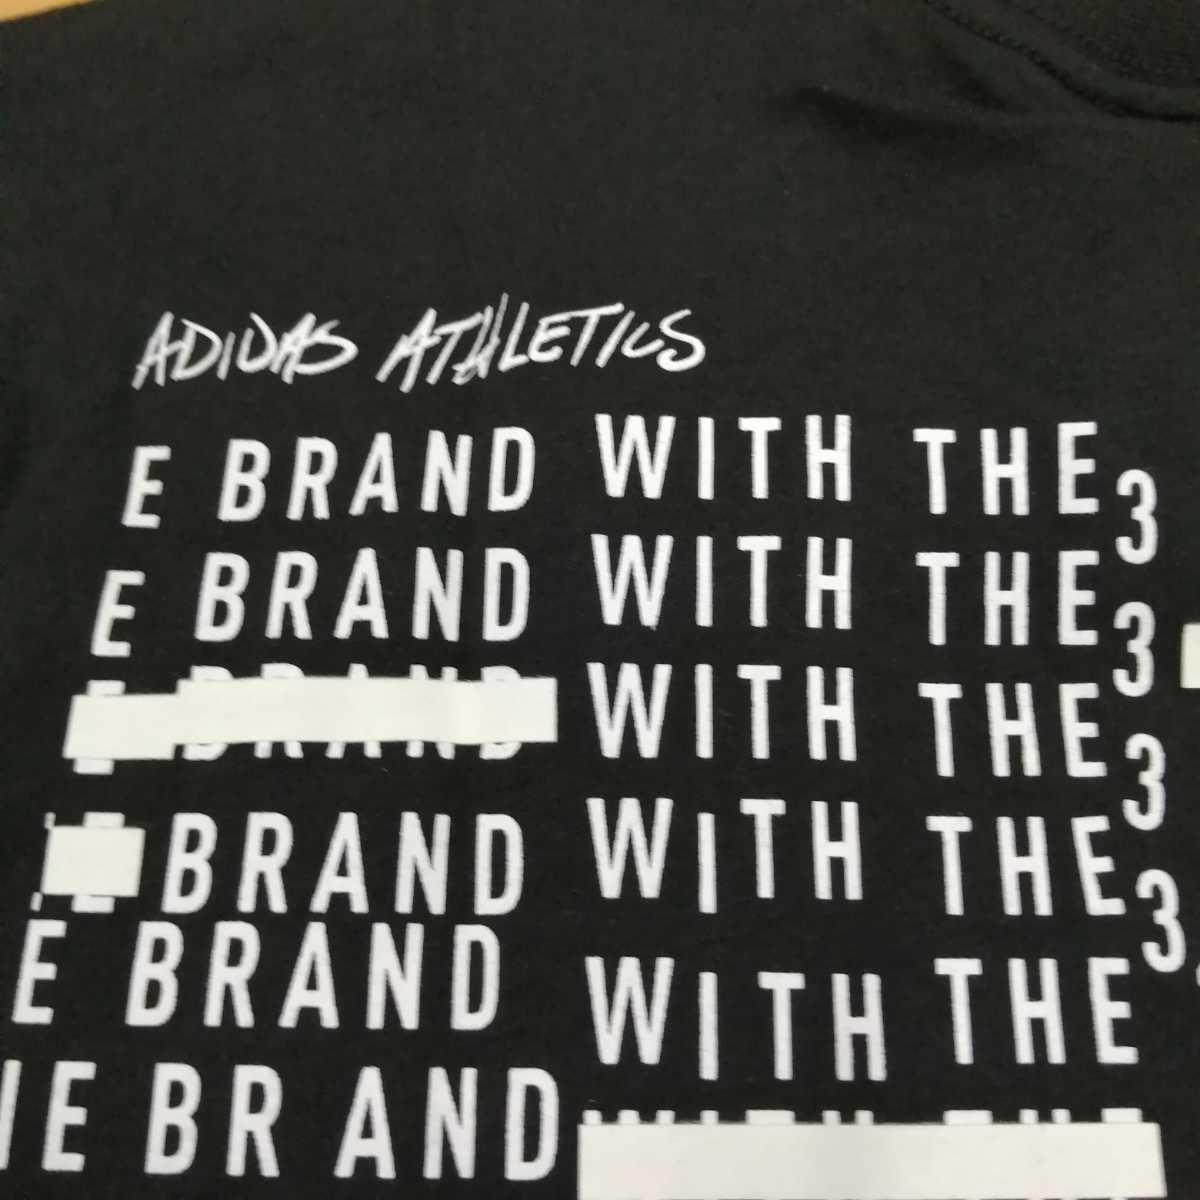 adidas アディダス Tシャツ ブラック 黒 M 新品 送料込 プリントロゴ 3ストライプ ブランド トレーニング ストリート 韓国ファッション